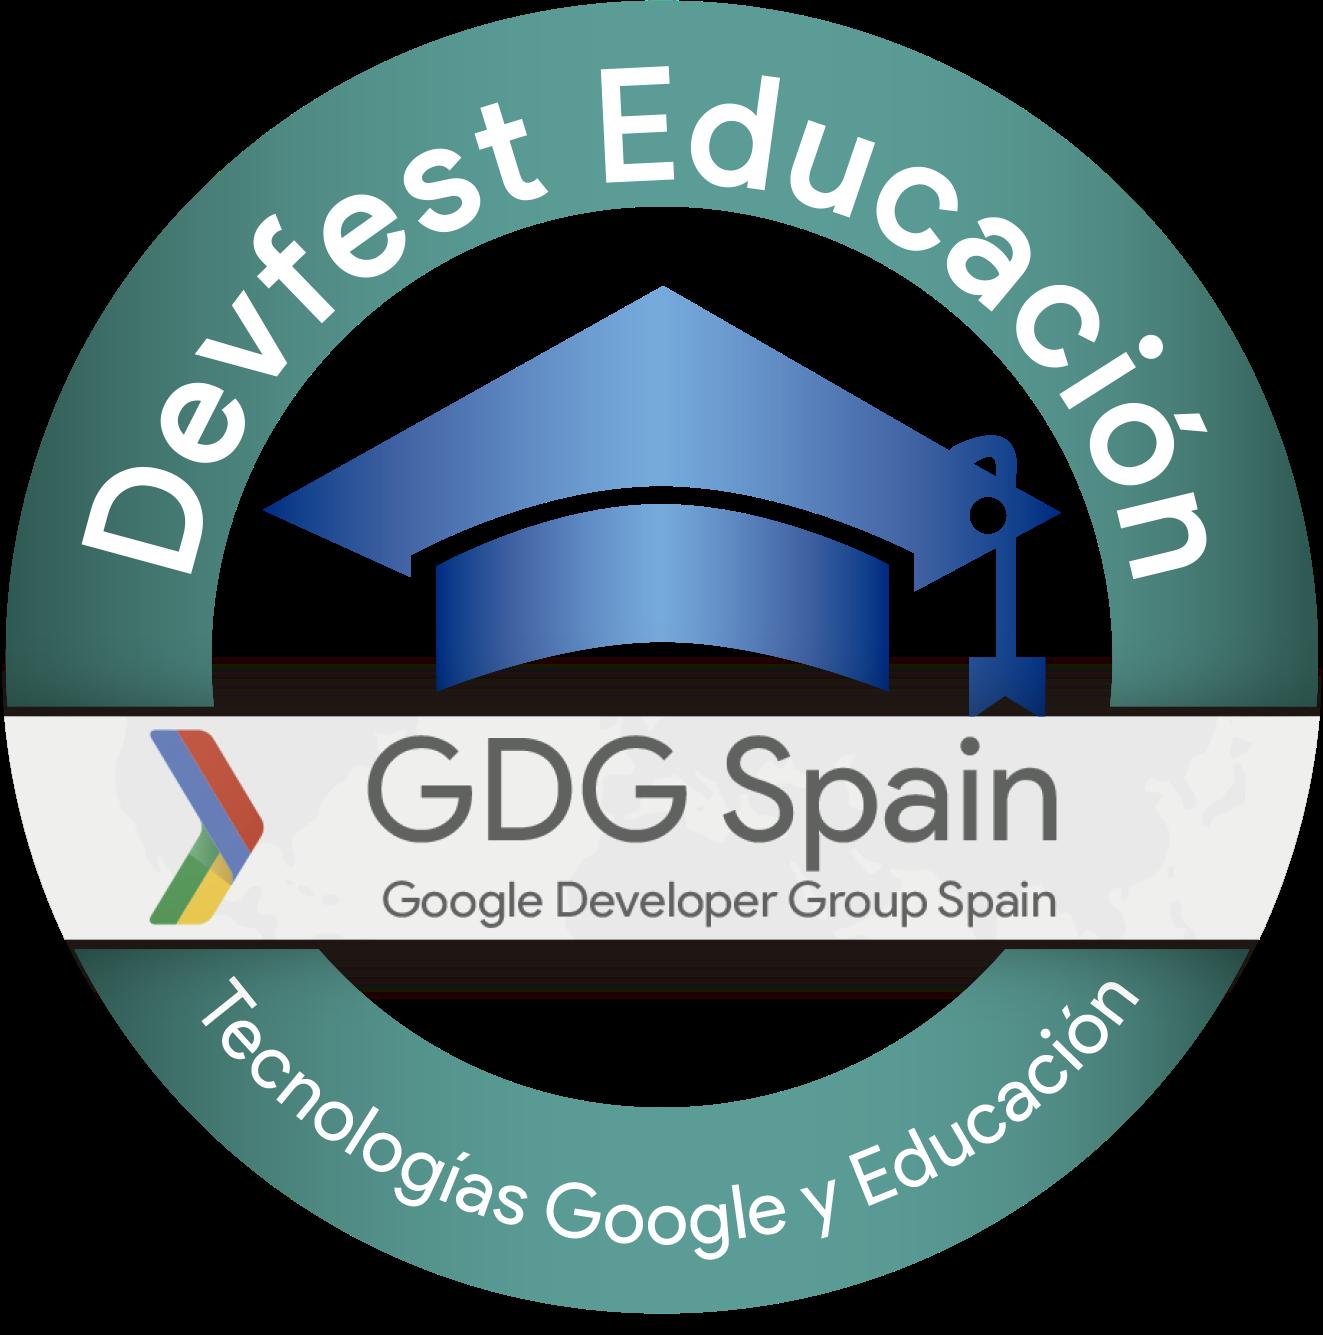 Pasó: Devfest Educación en Barcelona